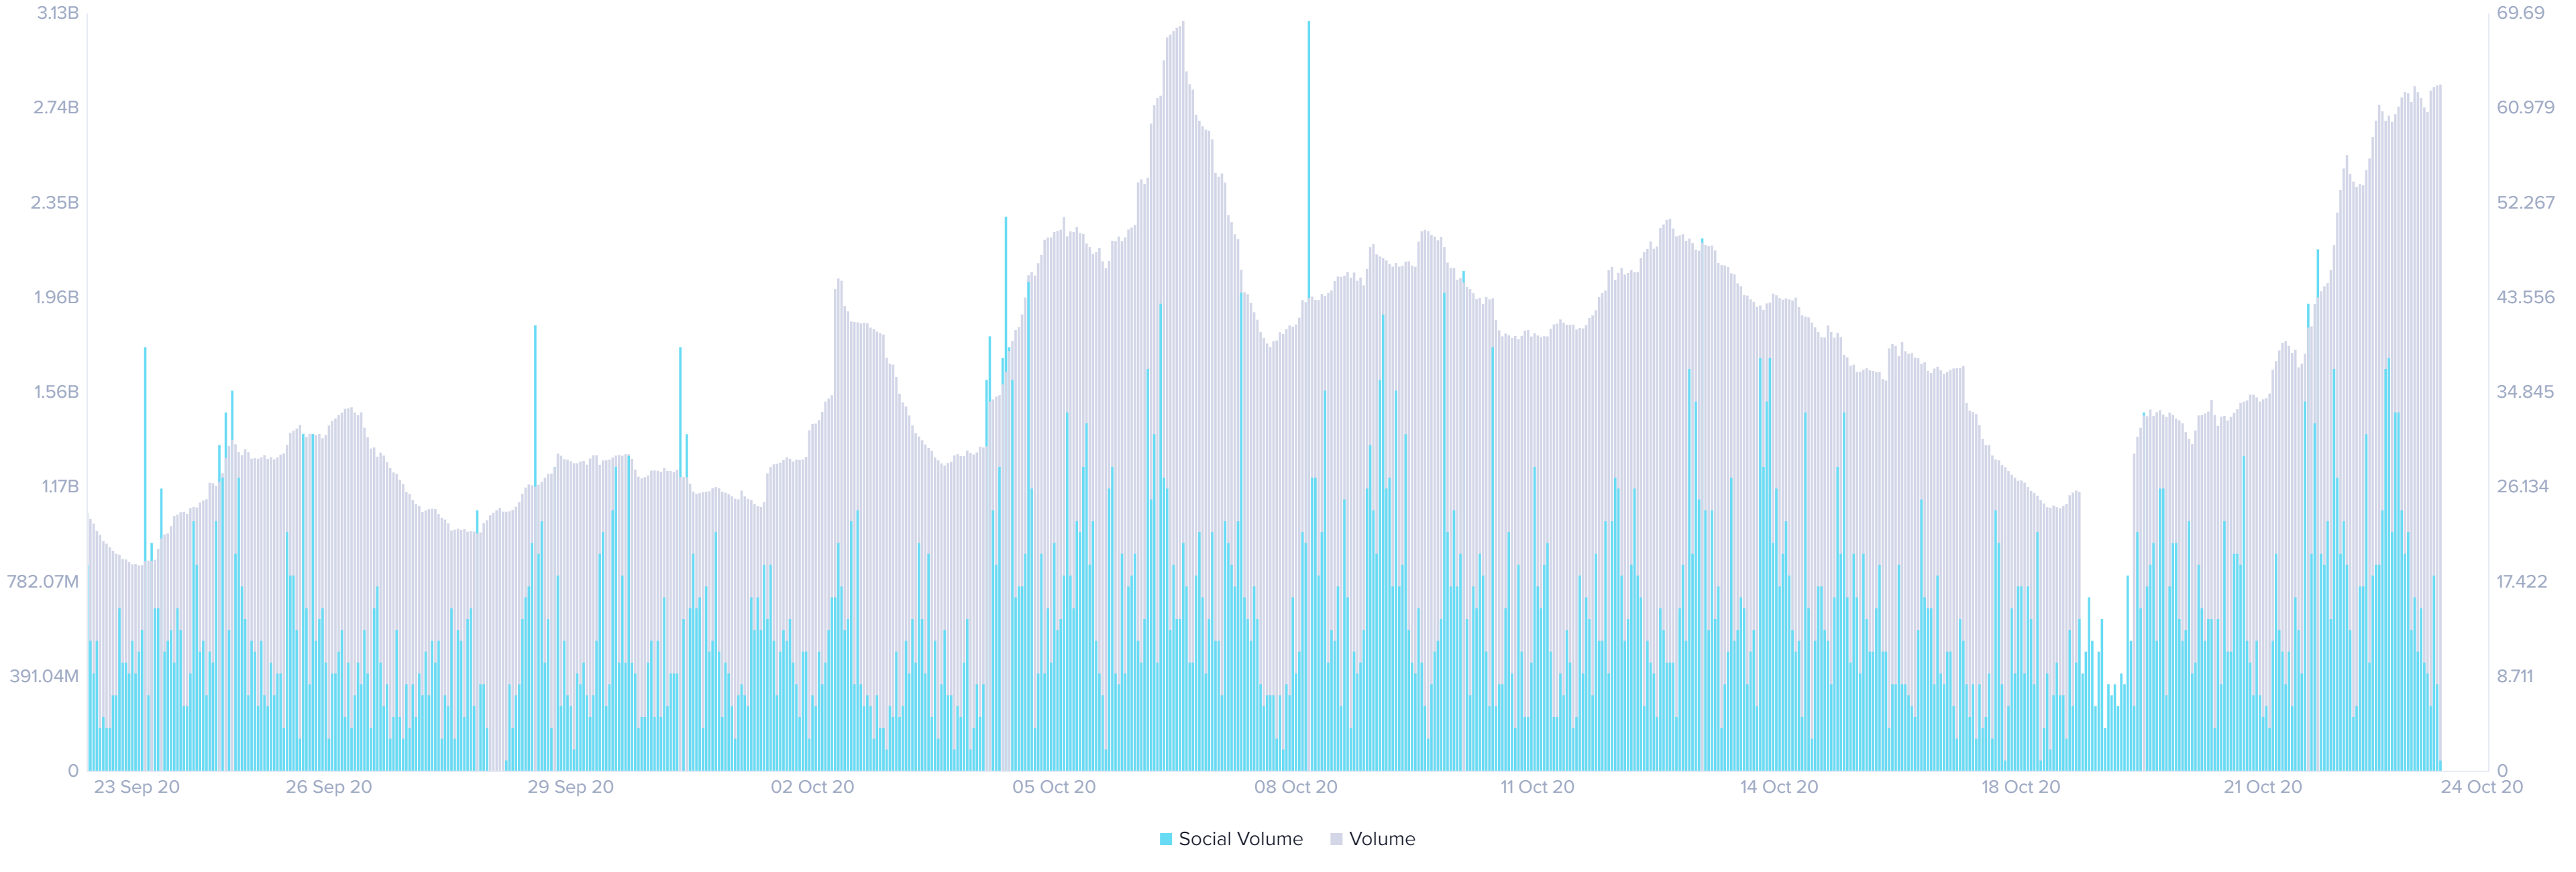 XRP social media volume